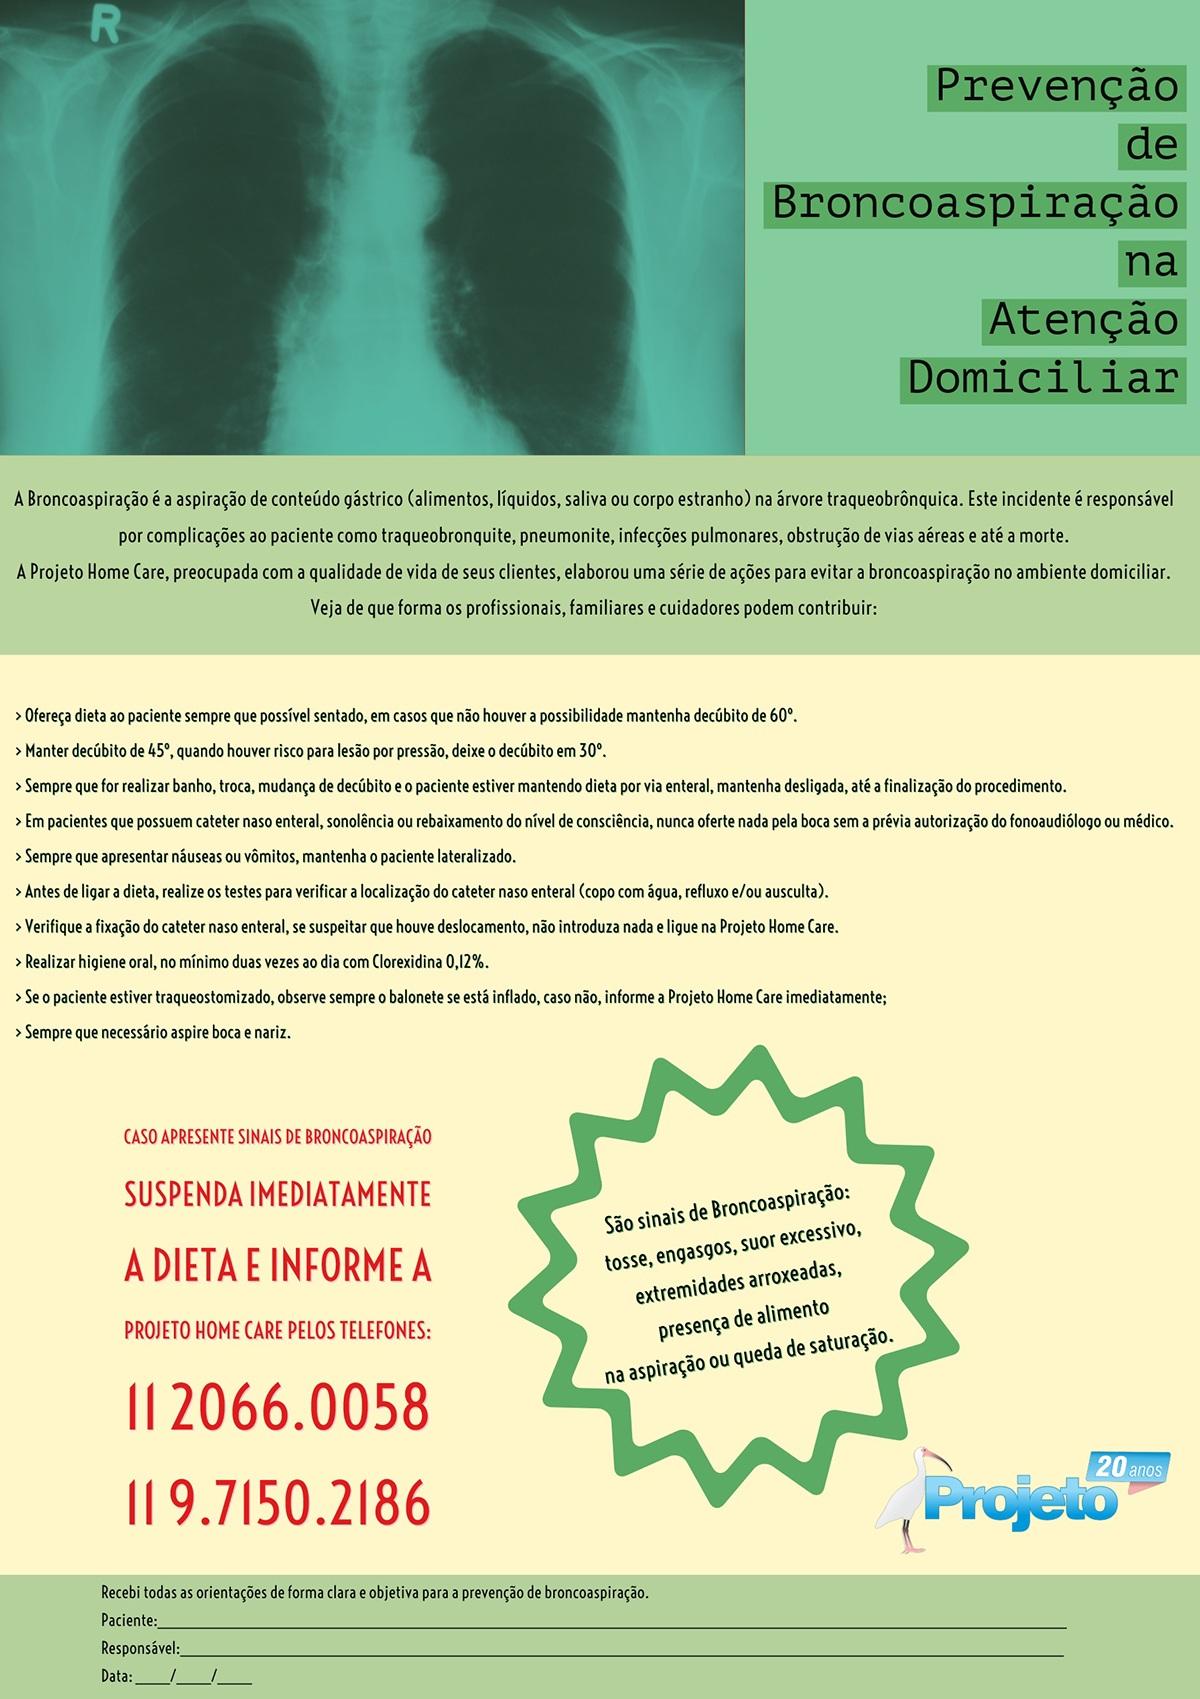 Prevenção de Broncoaspiração na Atenção Domiciliar Prevenção de Broncoaspiração na Atenção Domiciliar<P>Caso apresente sinais de Broncoaspiração<BR>suspenda imediatamente <BR>a dieta e informe a  Projeto Home Care  pelos telefones: 11 2066.0058 11 9.7150.2186<P>São sinais de Broncoaspiração:<BR>tosse, engasgos, suor excessivo, <BR>extremidades arroxeadas, presença de alimento  na aspiração ou queda de saturação. <P>A Broncoaspiração é a aspiração de conteúdo gástrico (alimentos, líquidos, saliva ou corpo estranho) na árvore traqueobrônquica. Este incidente é responsável por complicações ao paciente como traqueobronquite, pneumonite, infecções pulmonares, obstrução de vias aéreas e até a morte.<BR>A Projeto Home Care, preocupada com a qualidade de vida de seus clientes, elaborou uma série de ações para evitar a broncoaspiração no ambiente domiciliar. <BR>Veja de que forma os profissionais, familiares e cuidadores podem contribuir:<P>Recebi todas as orientações de forma clara e objetiva para a prevenção de broncoaspiração.<BR><BR>Paciente:___________________________________________________________________________________________________________ Responsável:________________________________________________________________________________________________________ Data: ____/____/____<P>> Ofereça dieta ao paciente sempre que possível sentado, em casos que não houver a possibilidade mantenha decúbito de 60º.<BR>> Manter decúbito de 45º, quando houver risco para lesão por pressão, deixe o decúbito em 30º.<BR>> Sempre que for realizar banho, troca, mudança de decúbito e o paciente estiver mantendo dieta por via enteral, mantenha desligada, até a finalização do procedimento. > Em pacientes que possuem cateter naso enteral, sonolência ou  rebaixamento do nível de consciência, nunca oferte nada pela boca sem a prévia autorização do fonoaudiólogo ou médico. > Sempre que apresentar náuseas ou vômitos, mantenha o paciente lateralizado. > Antes de ligar a dieta, realize os testes pa